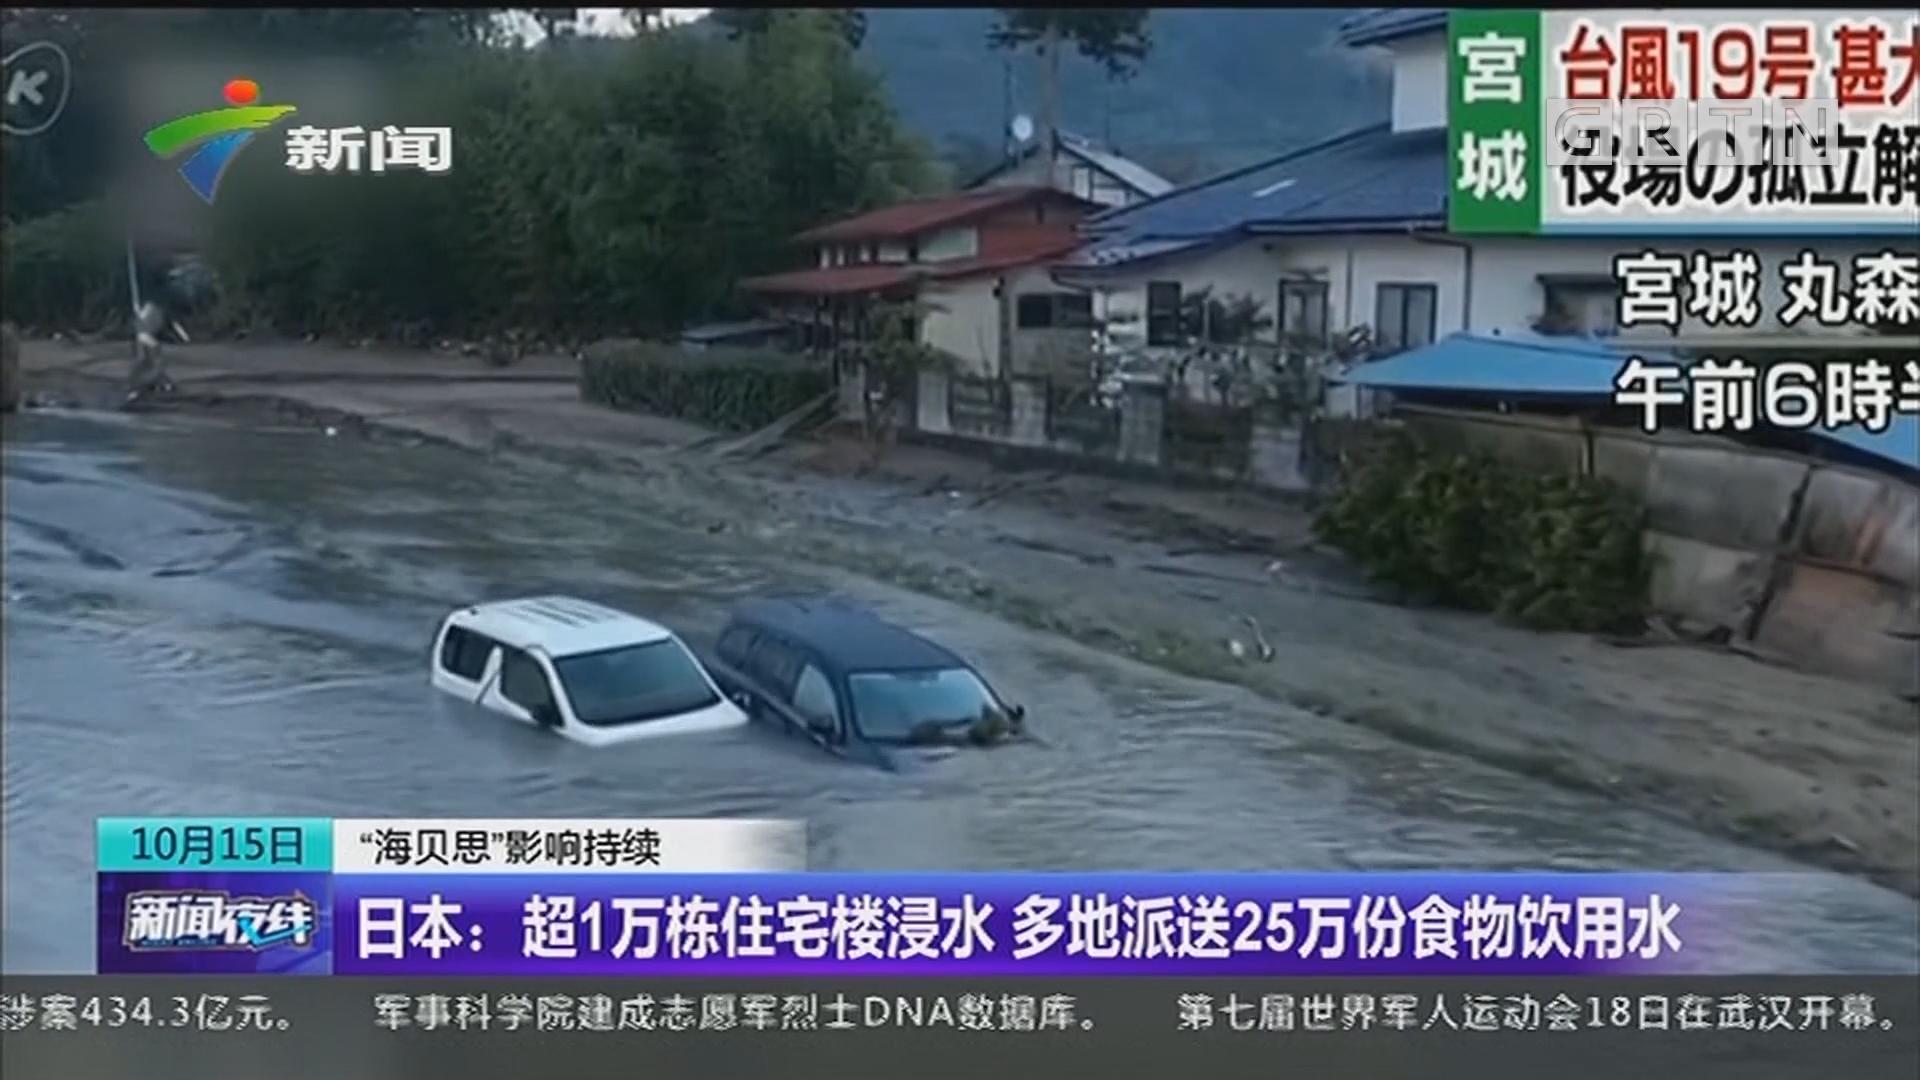 """""""海贝思""""影响持续 日本:超1万栋住宅楼浸水 多地派送25万份食物饮用水"""